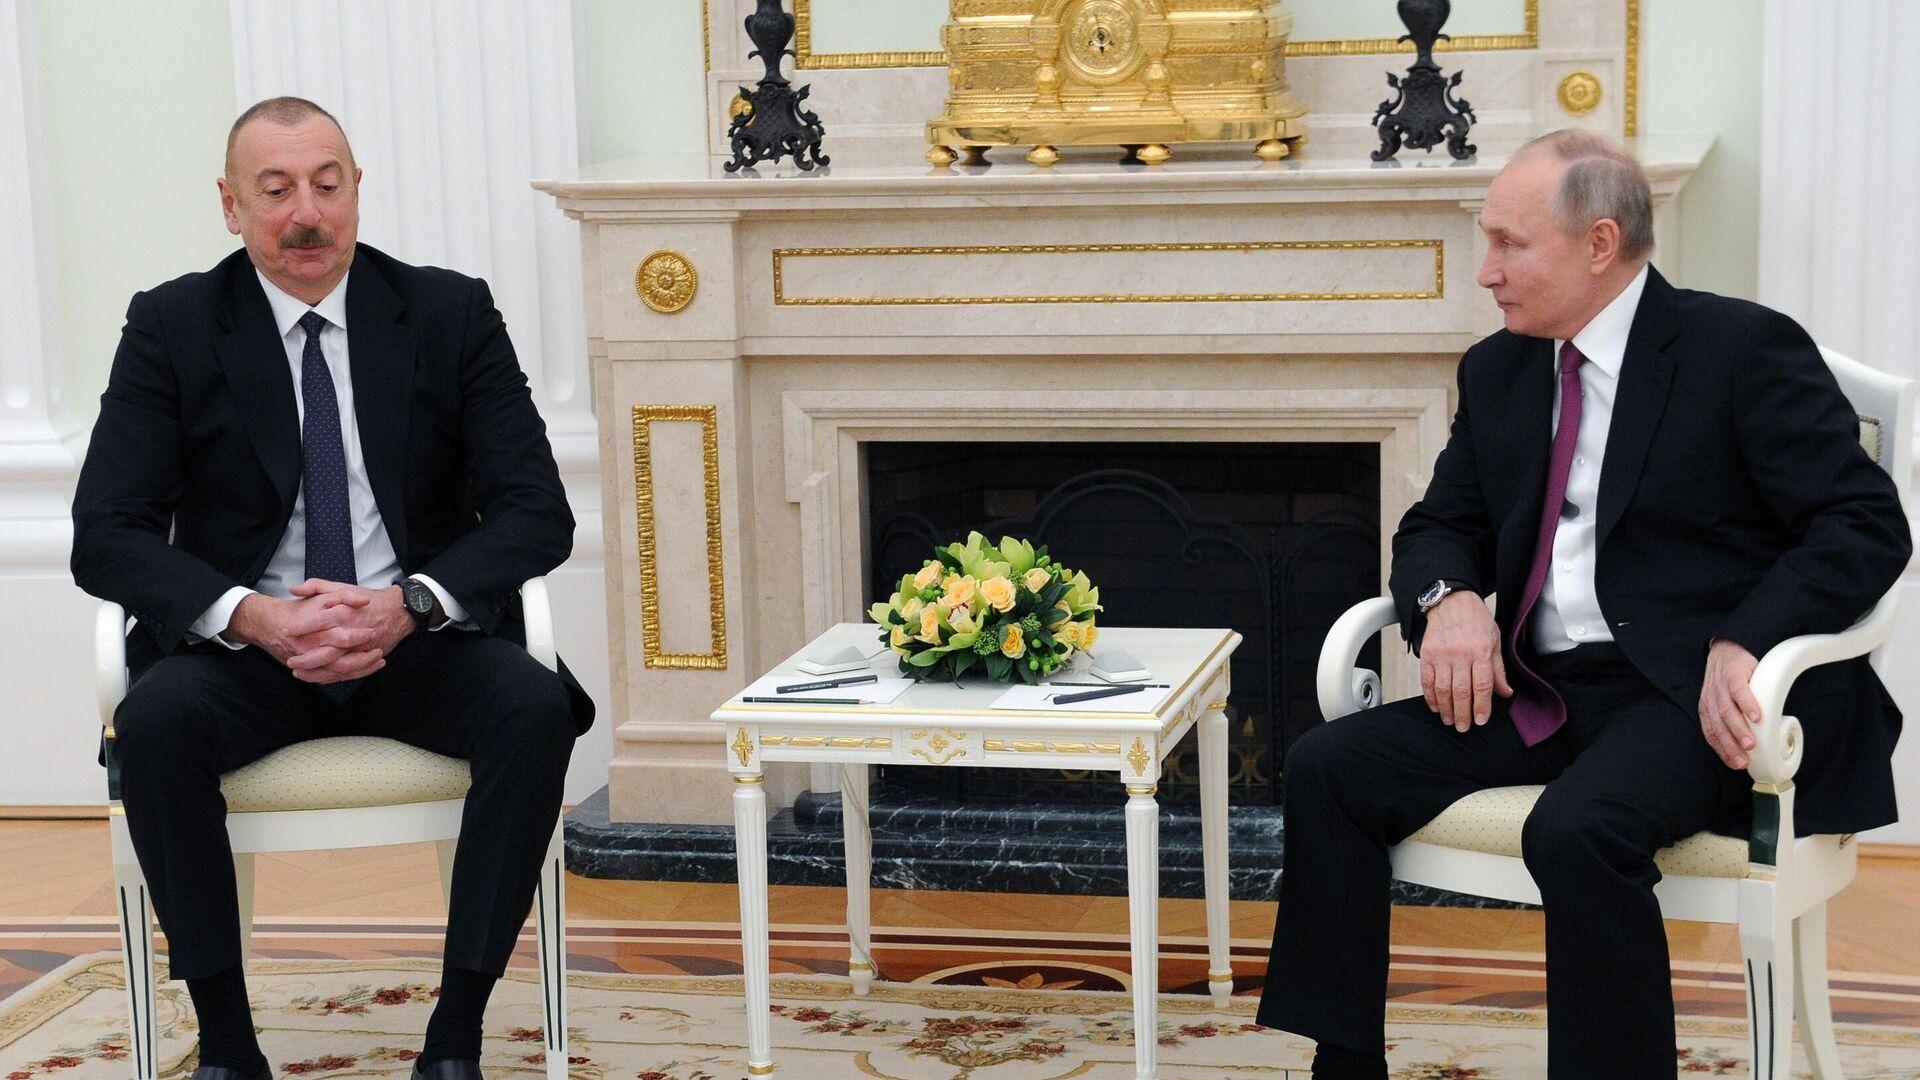 Президент РФ Владимир Путин и президент Азербайджана Ильхам Алиев (слева) во время двусторонней встречи в Кремле - РИА Новости, 1920, 19.05.2021